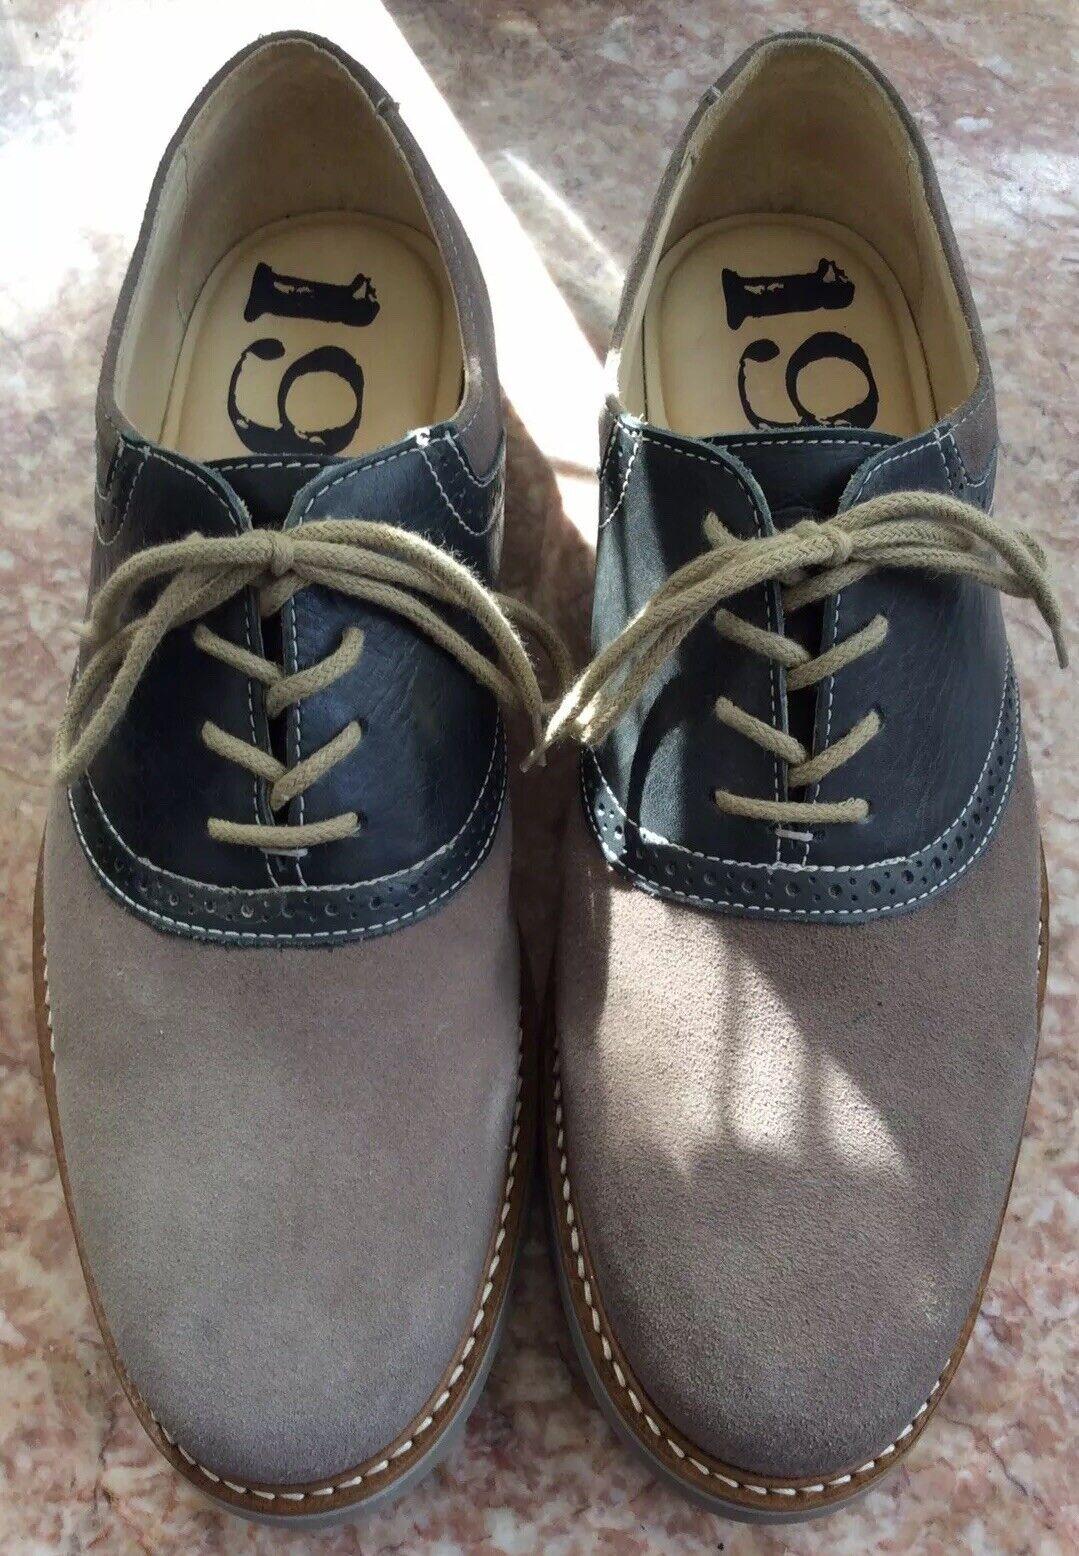 1901 Lace Oxfords Grey Navy Suede Leather shoes Men's US Size 10.5 M  M23109 EUC